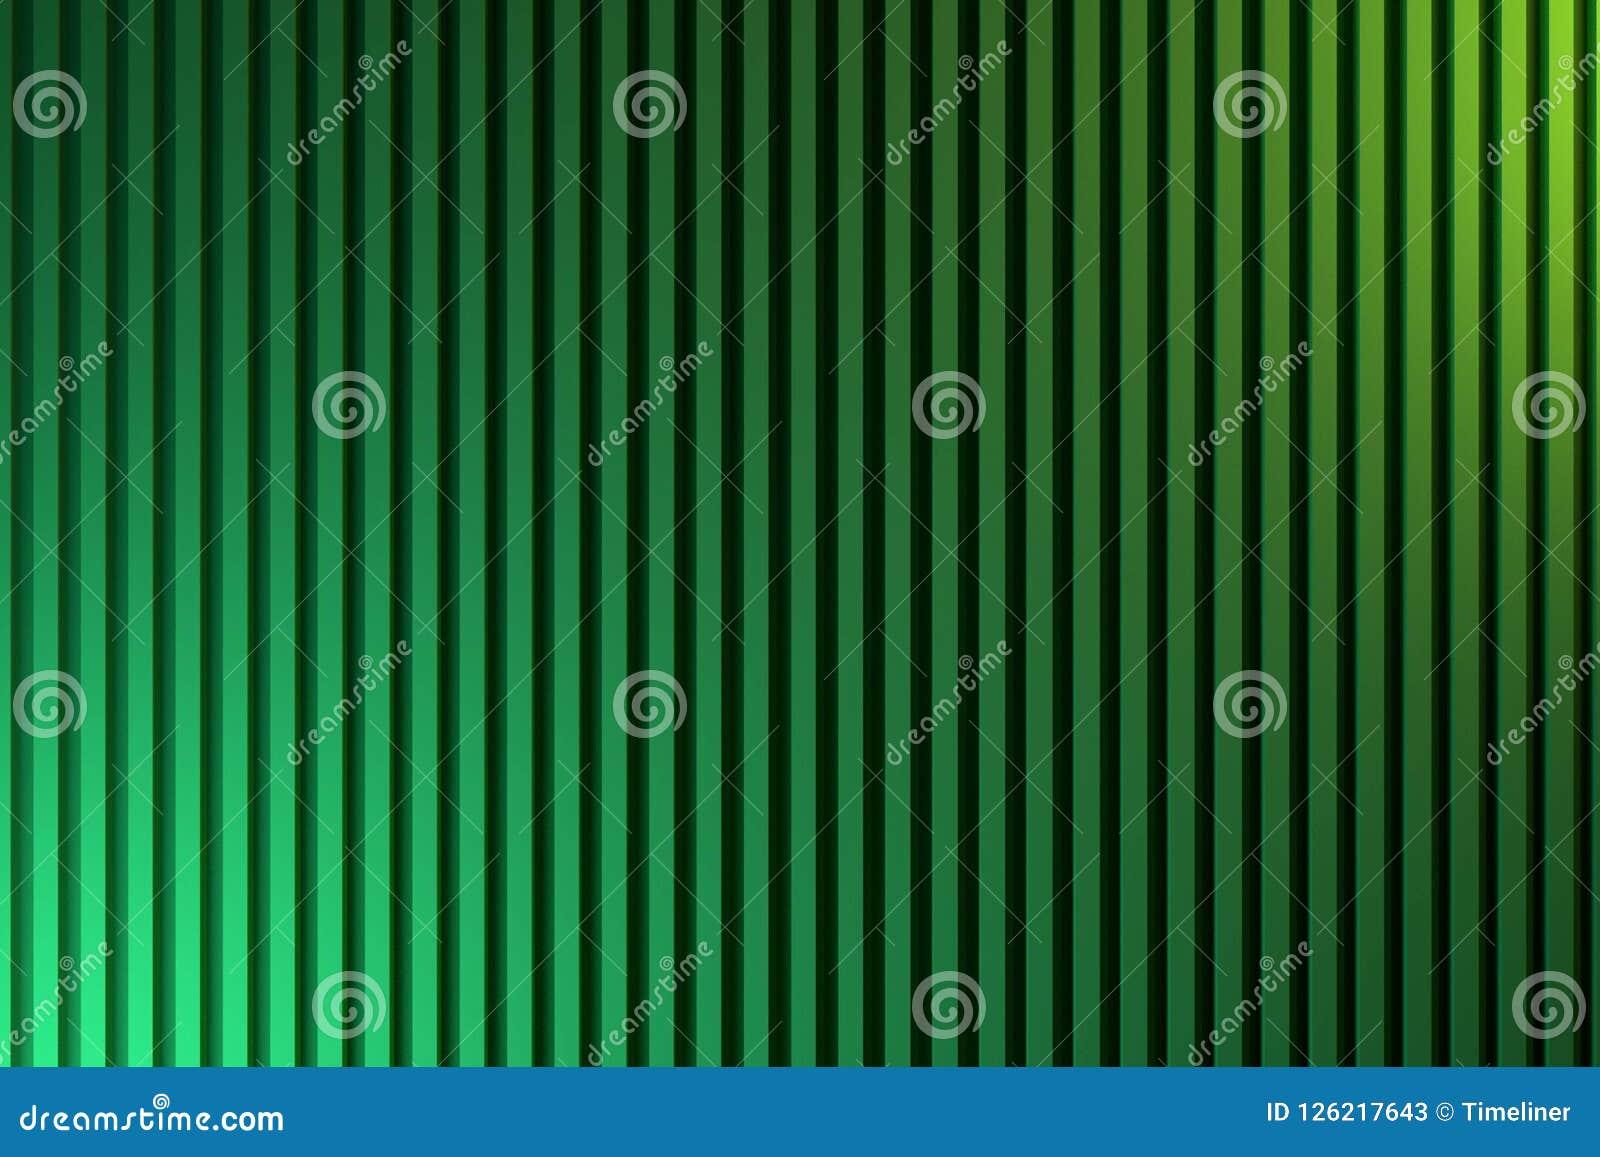 Zusammenfassung Muster Beschaffenheit Rosa Linien Blau Design